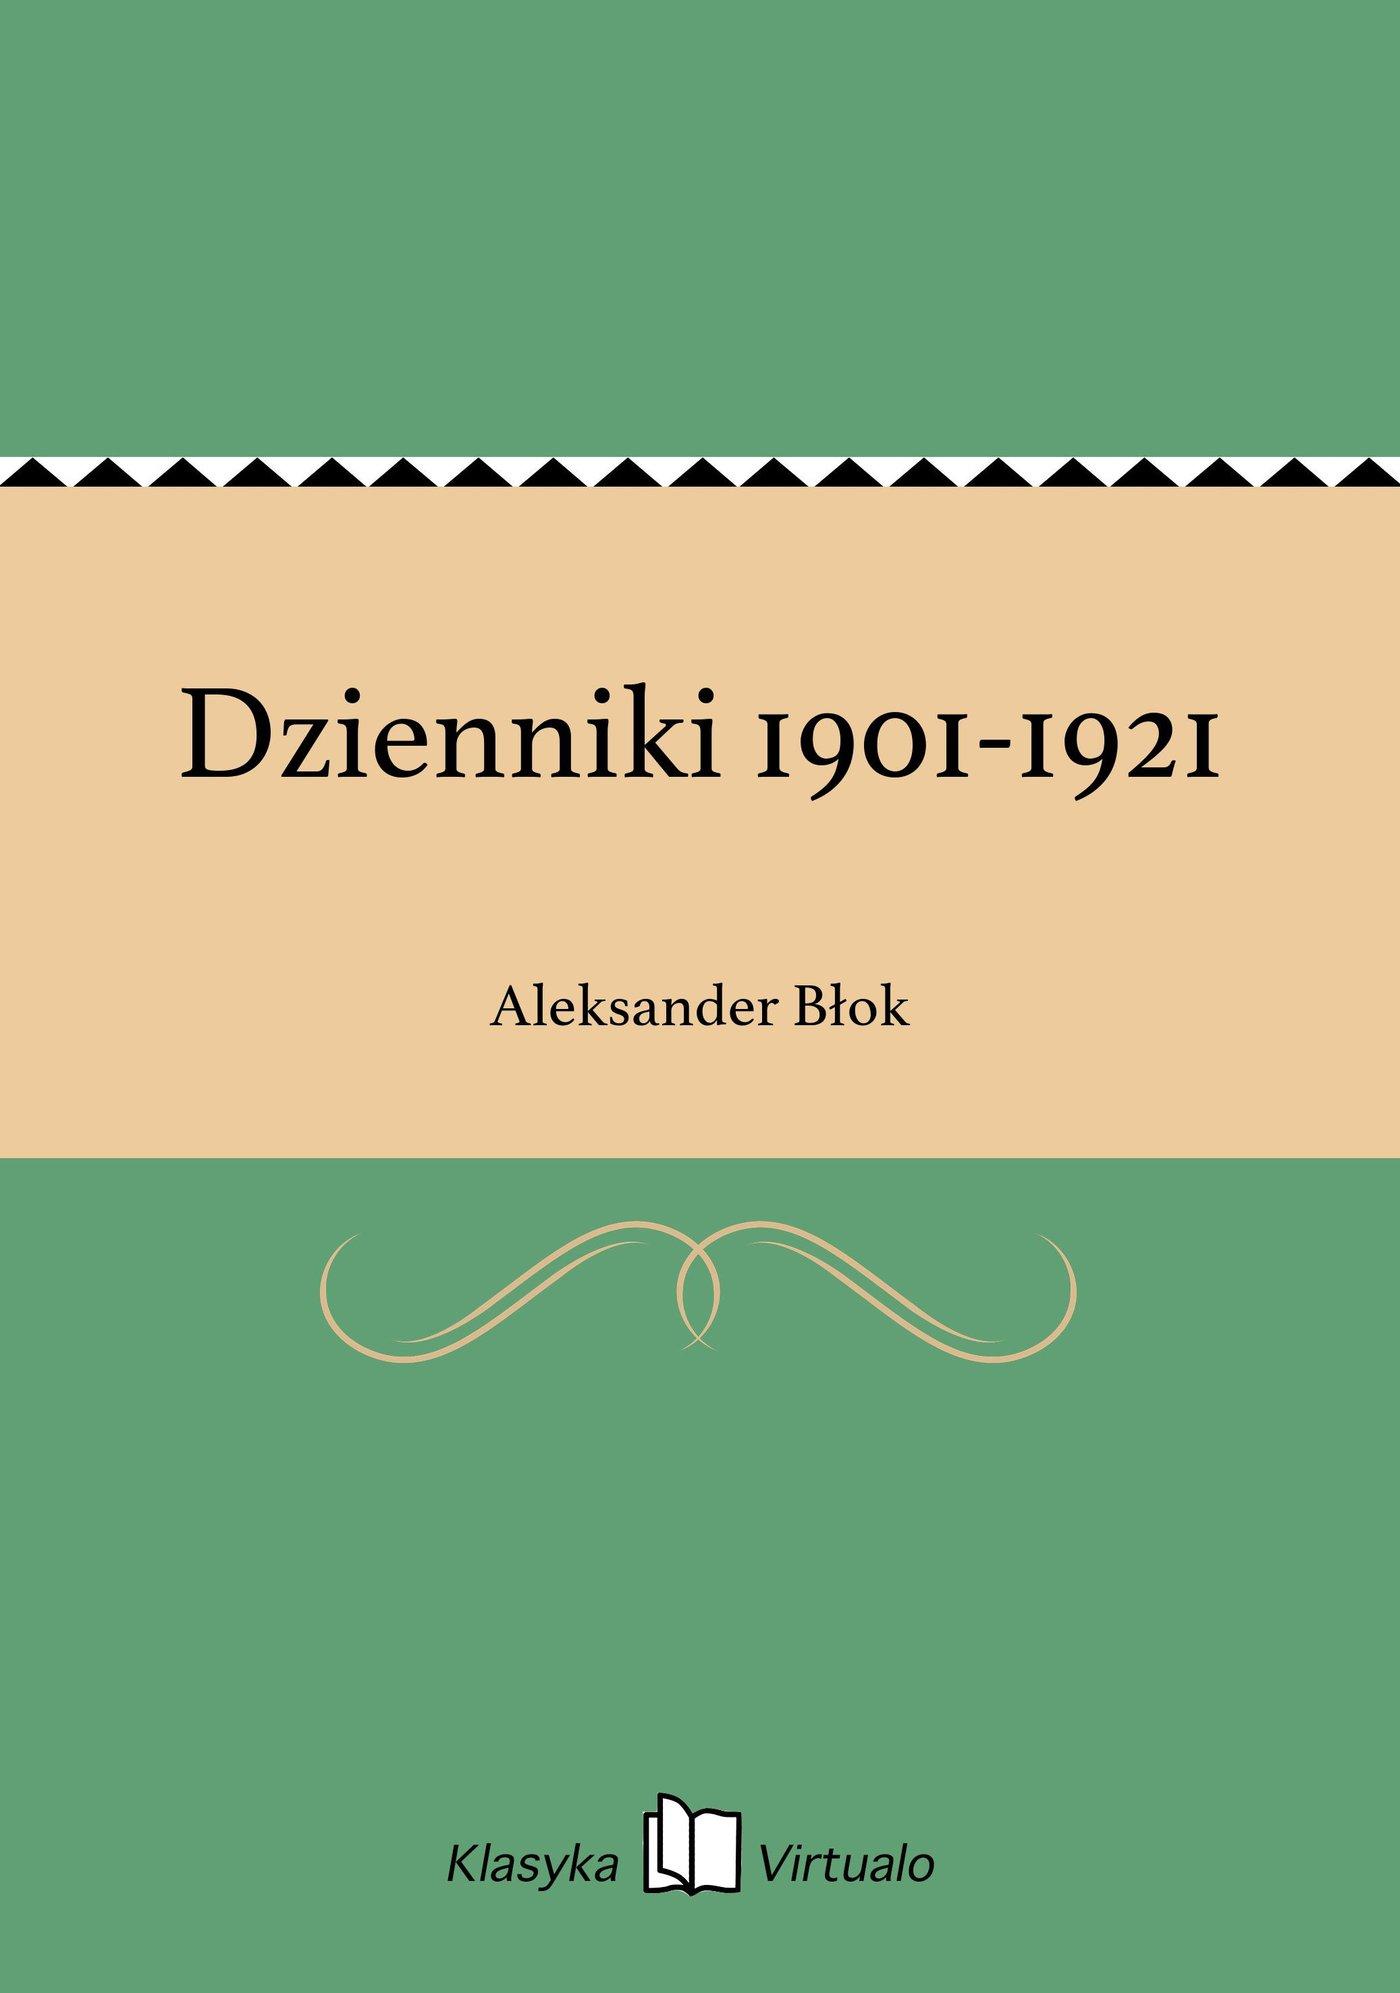 Dzienniki 1901-1921 - Ebook (Książka EPUB) do pobrania w formacie EPUB